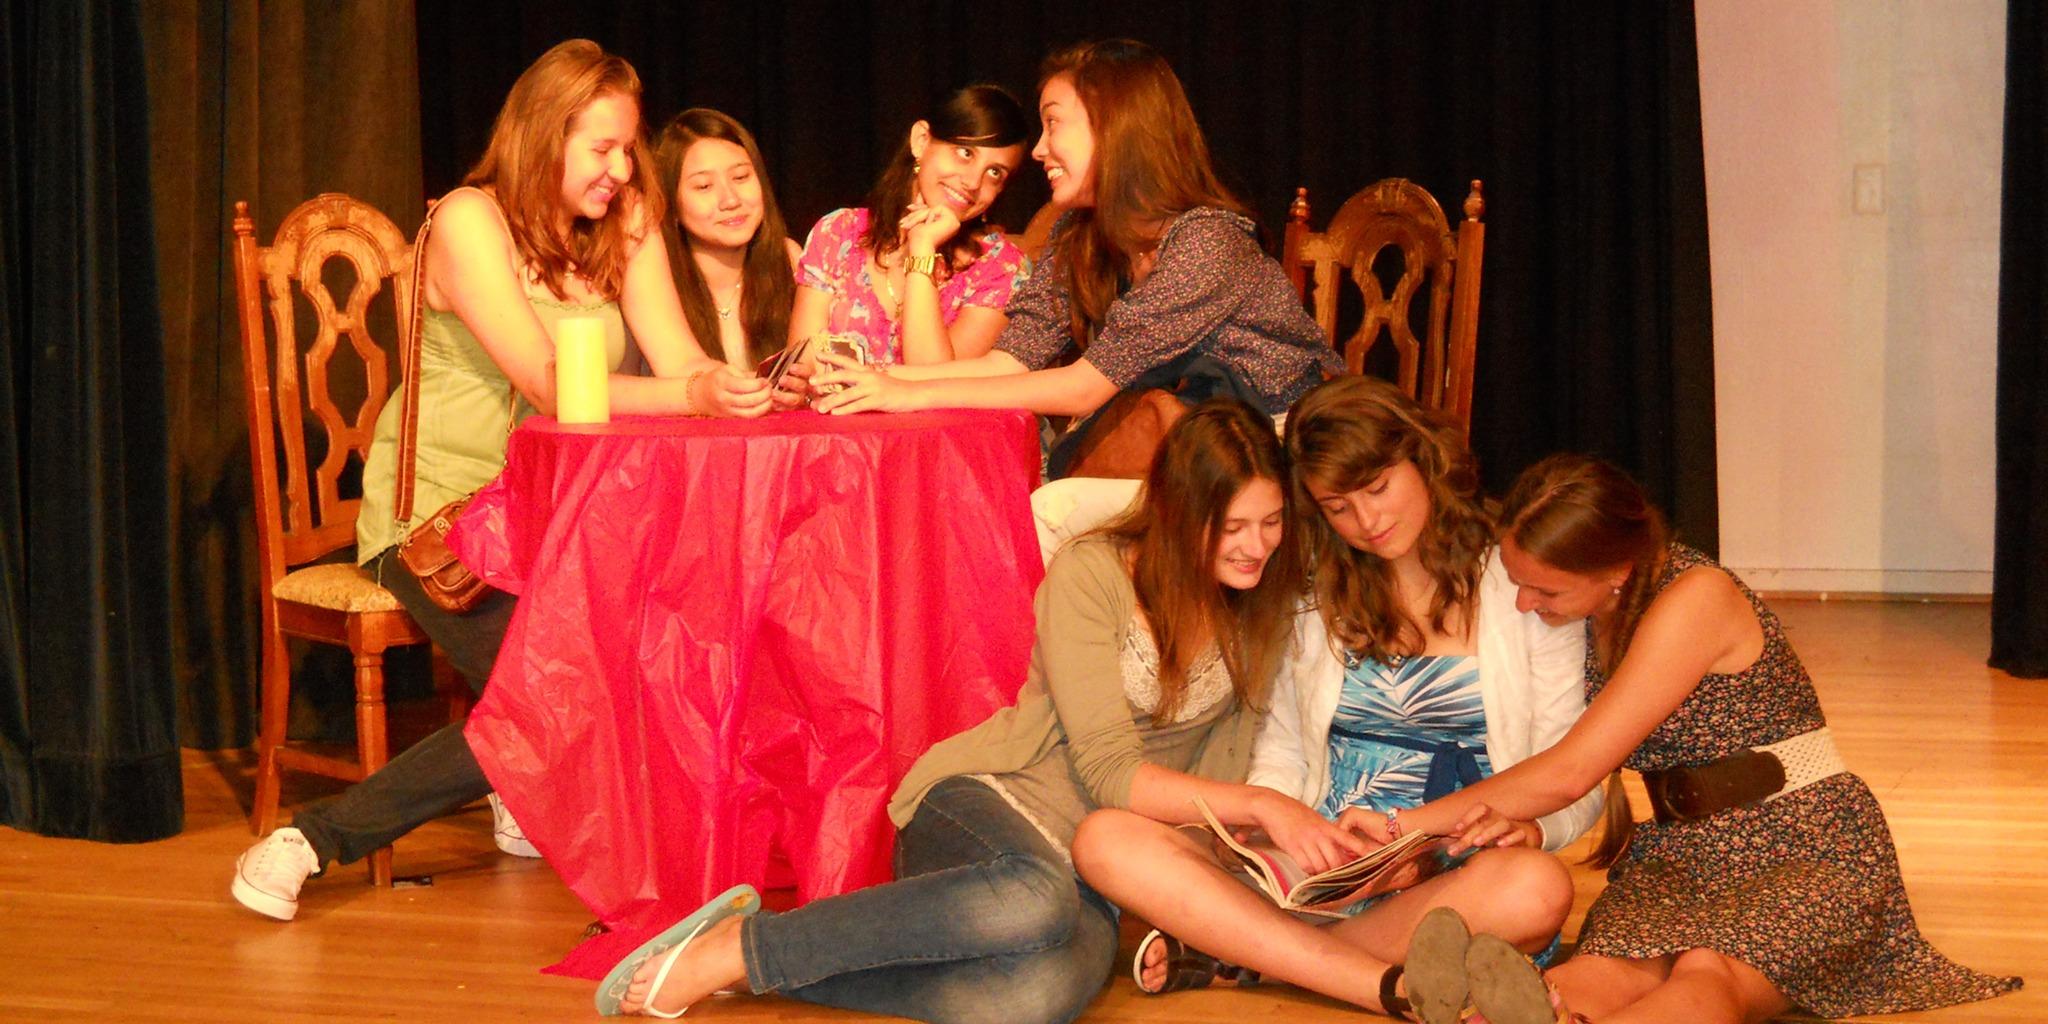 中高生むけ夏休み短期語学留学 アメリカ・カリフォルニア 英語コース+アクティビティ 映画 演技 学生寮 カリフォルニアアクティングキャンプ FLS International